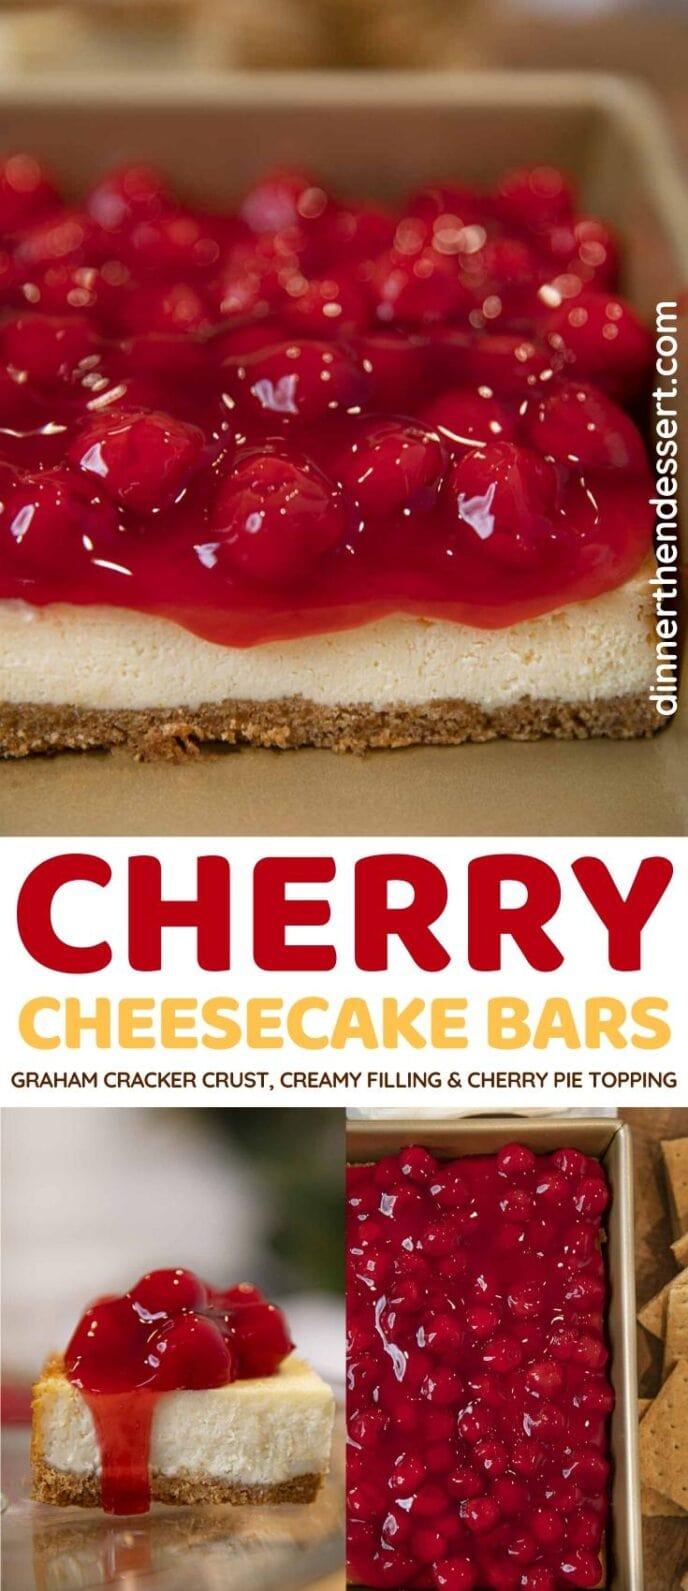 Cherry Cheesecake Bars collage